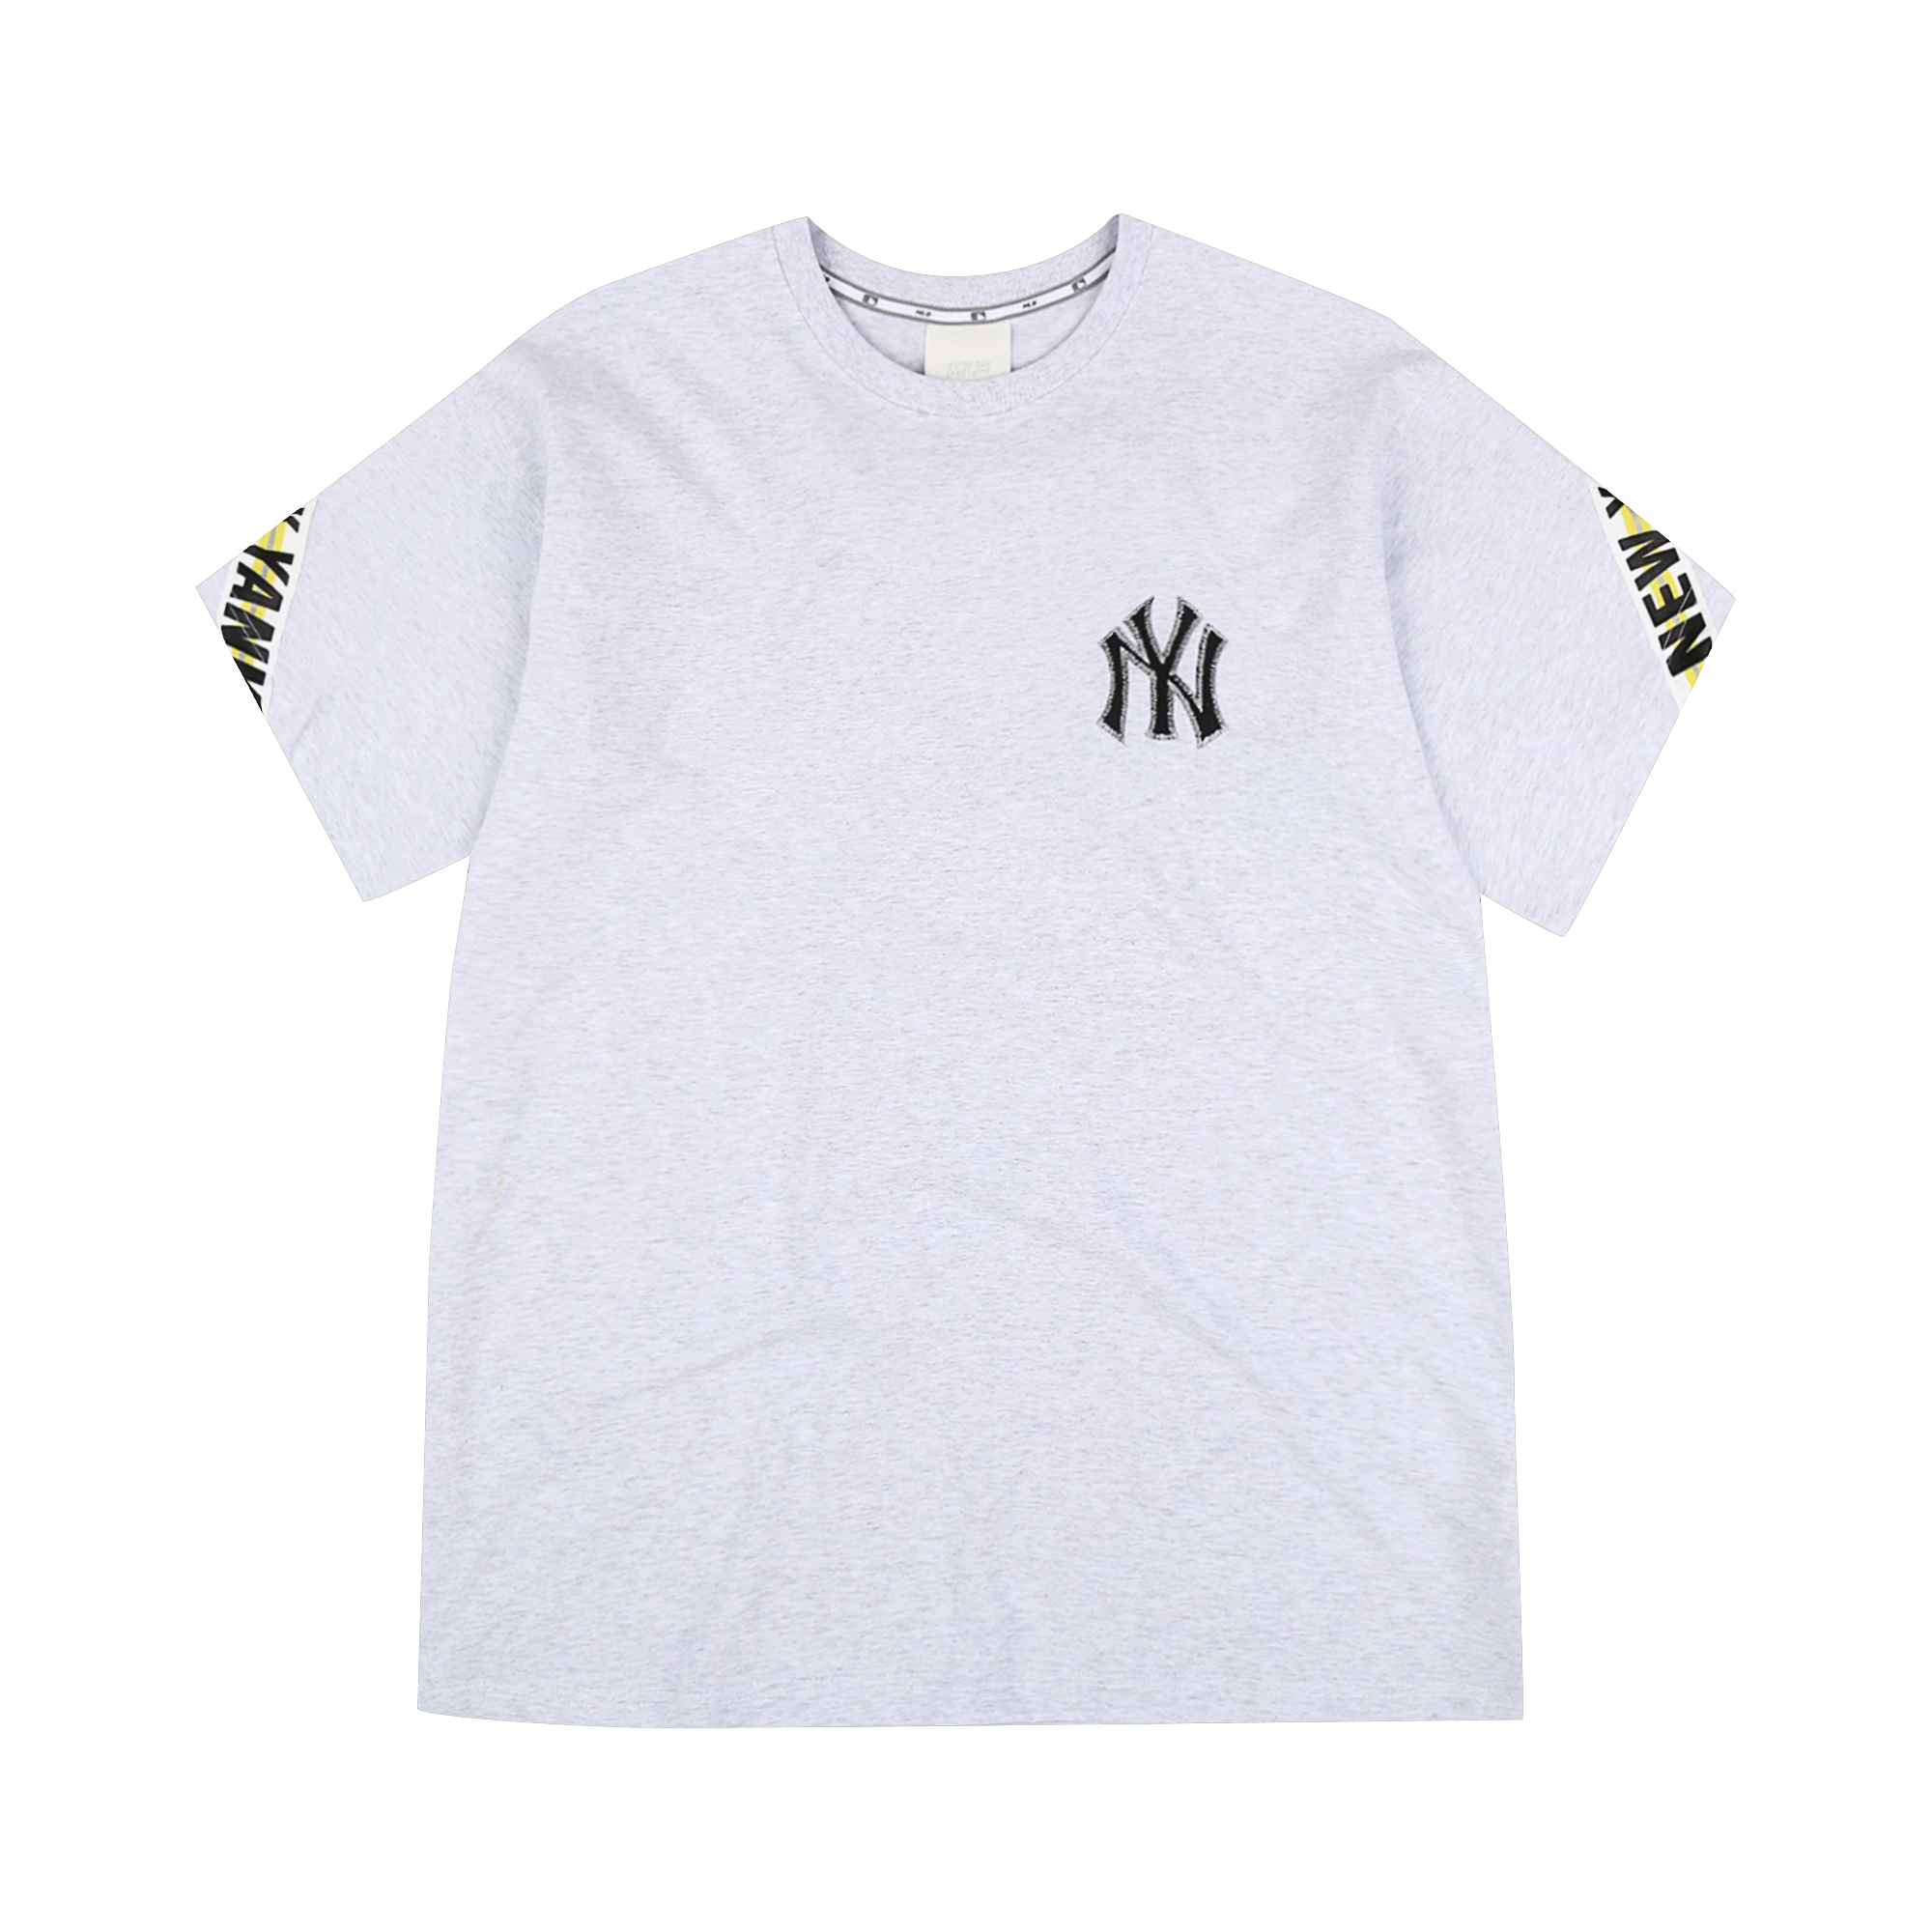 NEW YORK YANKEES ROUNDING TAPE SHORT SLEEVE T-SHIRT